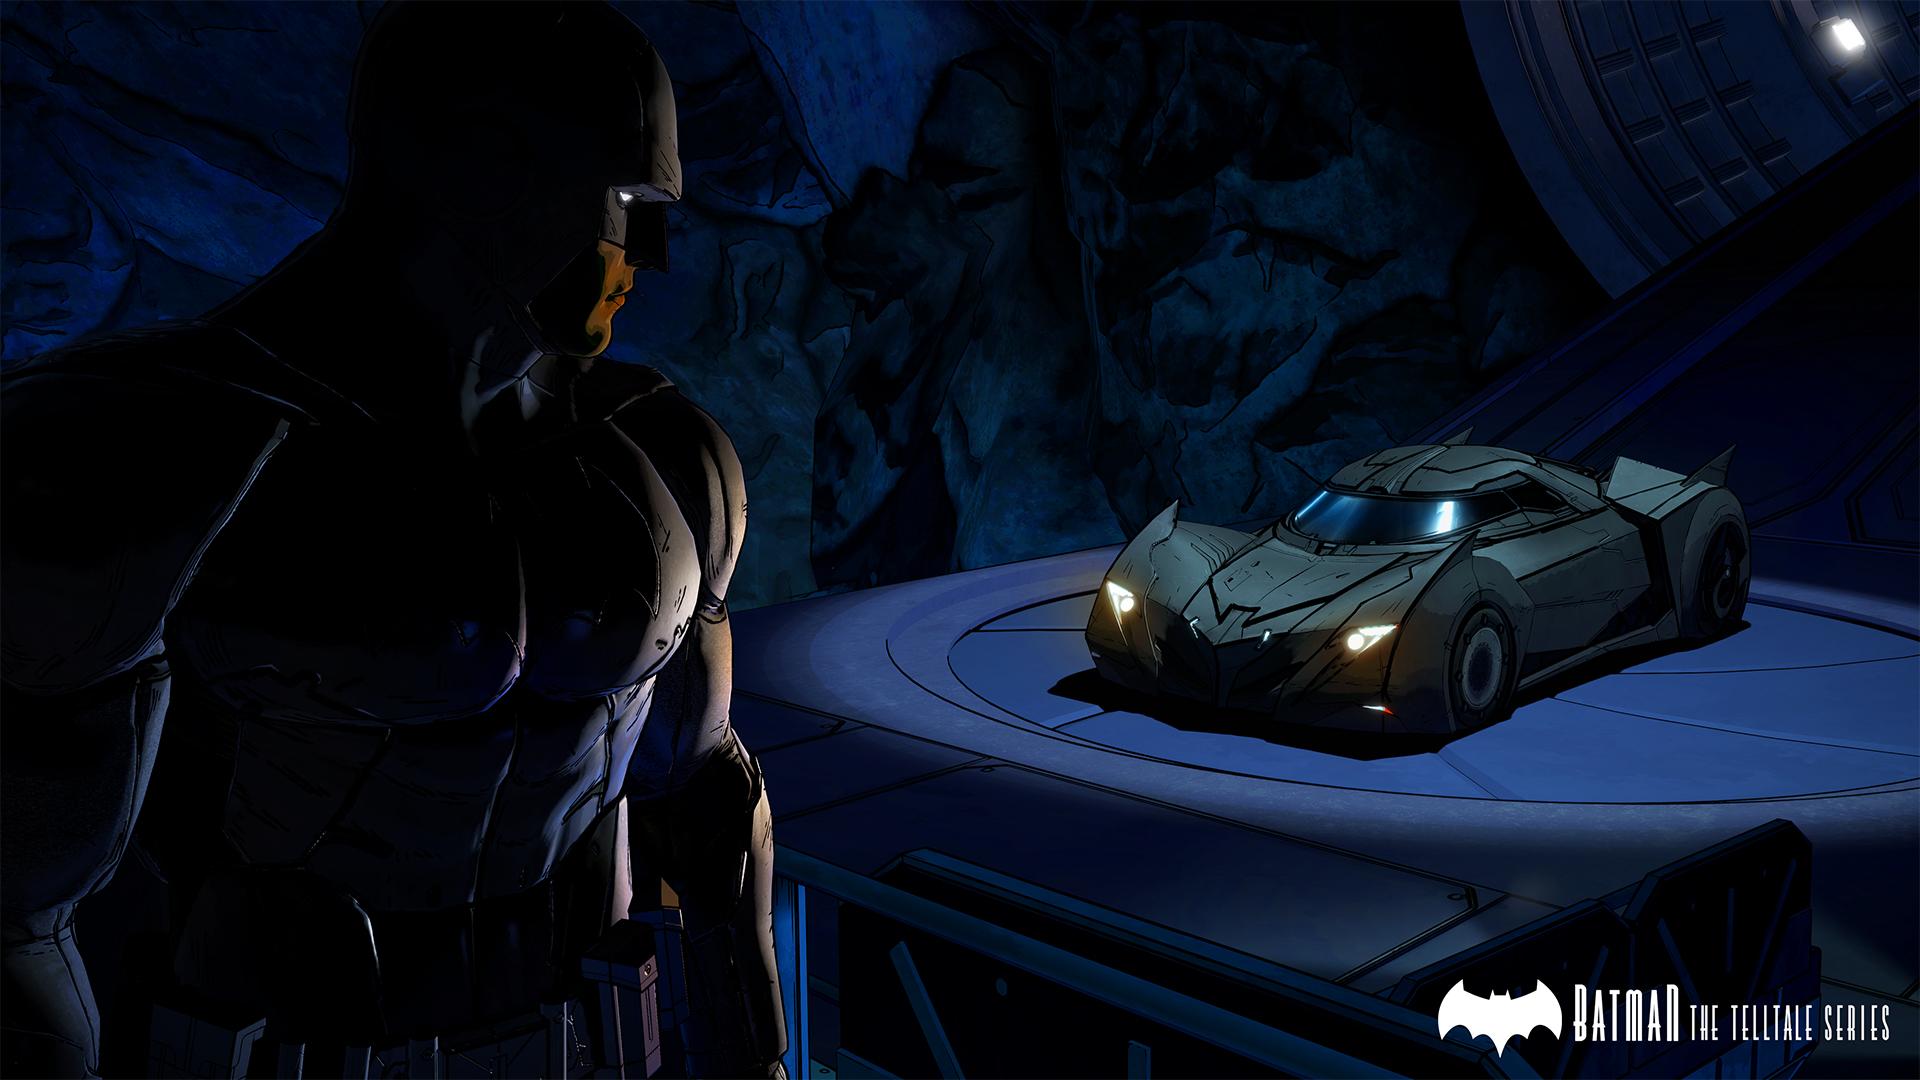 Batman: The Telltale Series chega para PC, PS4, PS3, Xbox One, Xbox 360 e Mac